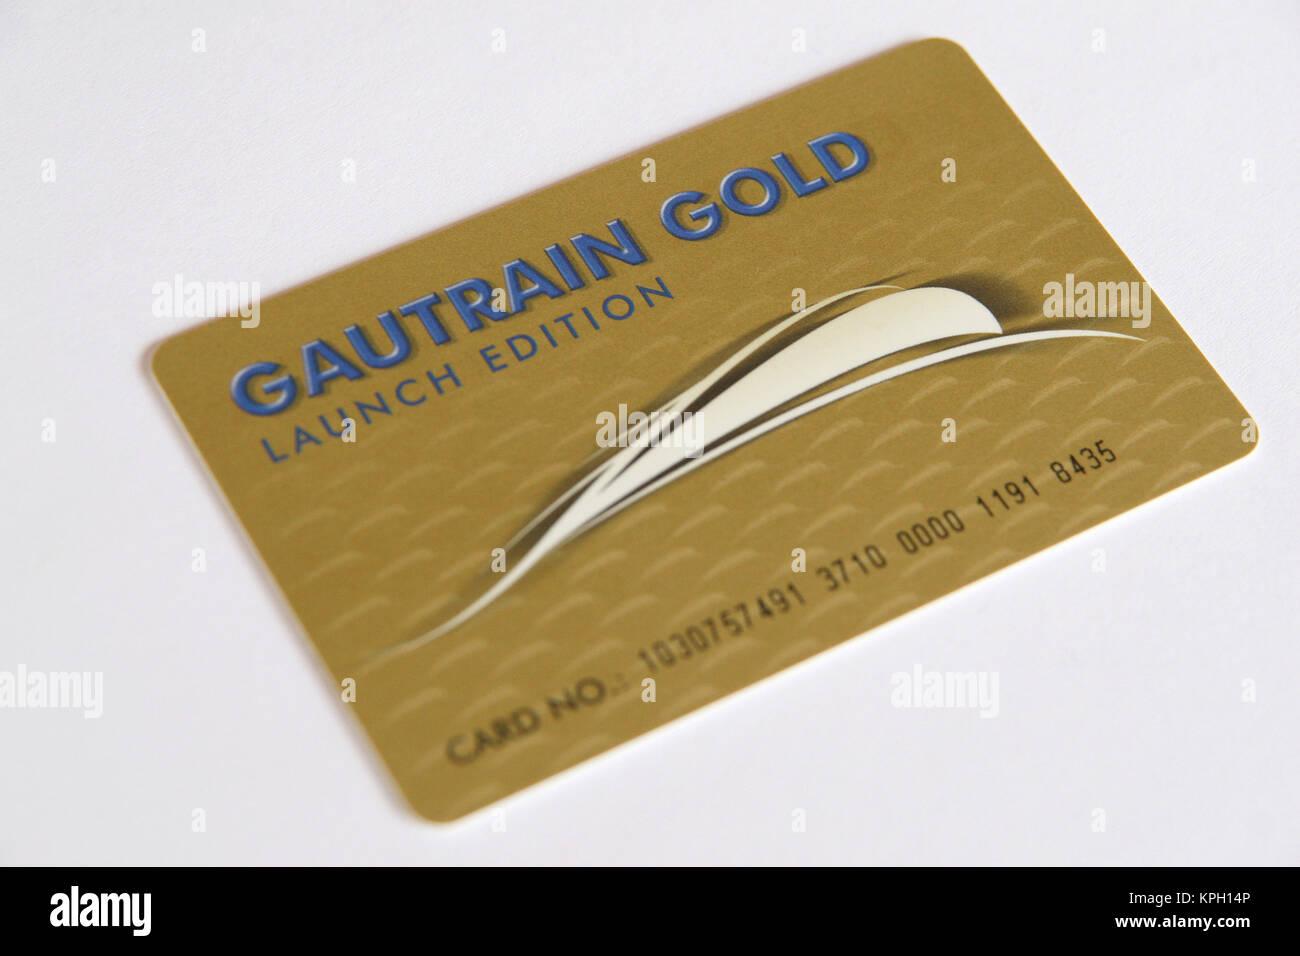 Dating Gold Markenzeichen Guide